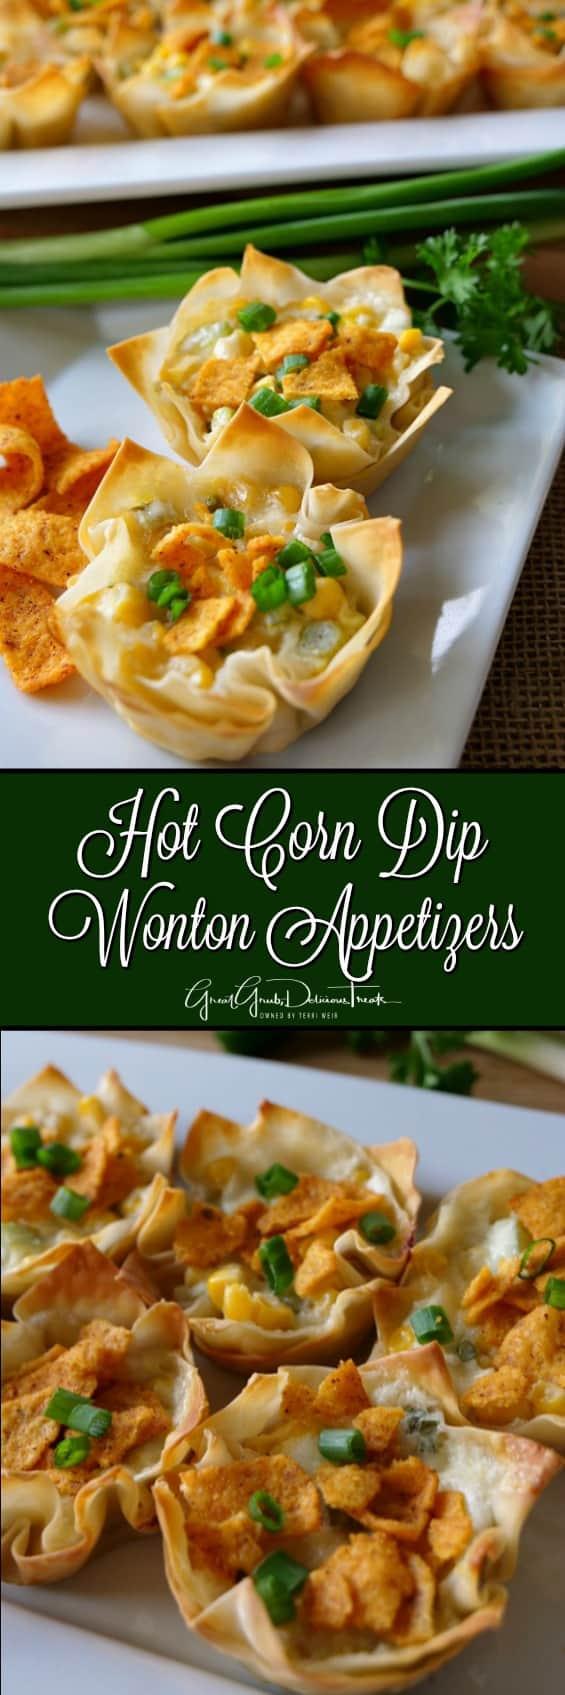 Hot Corn Dip Wonton Appetizers